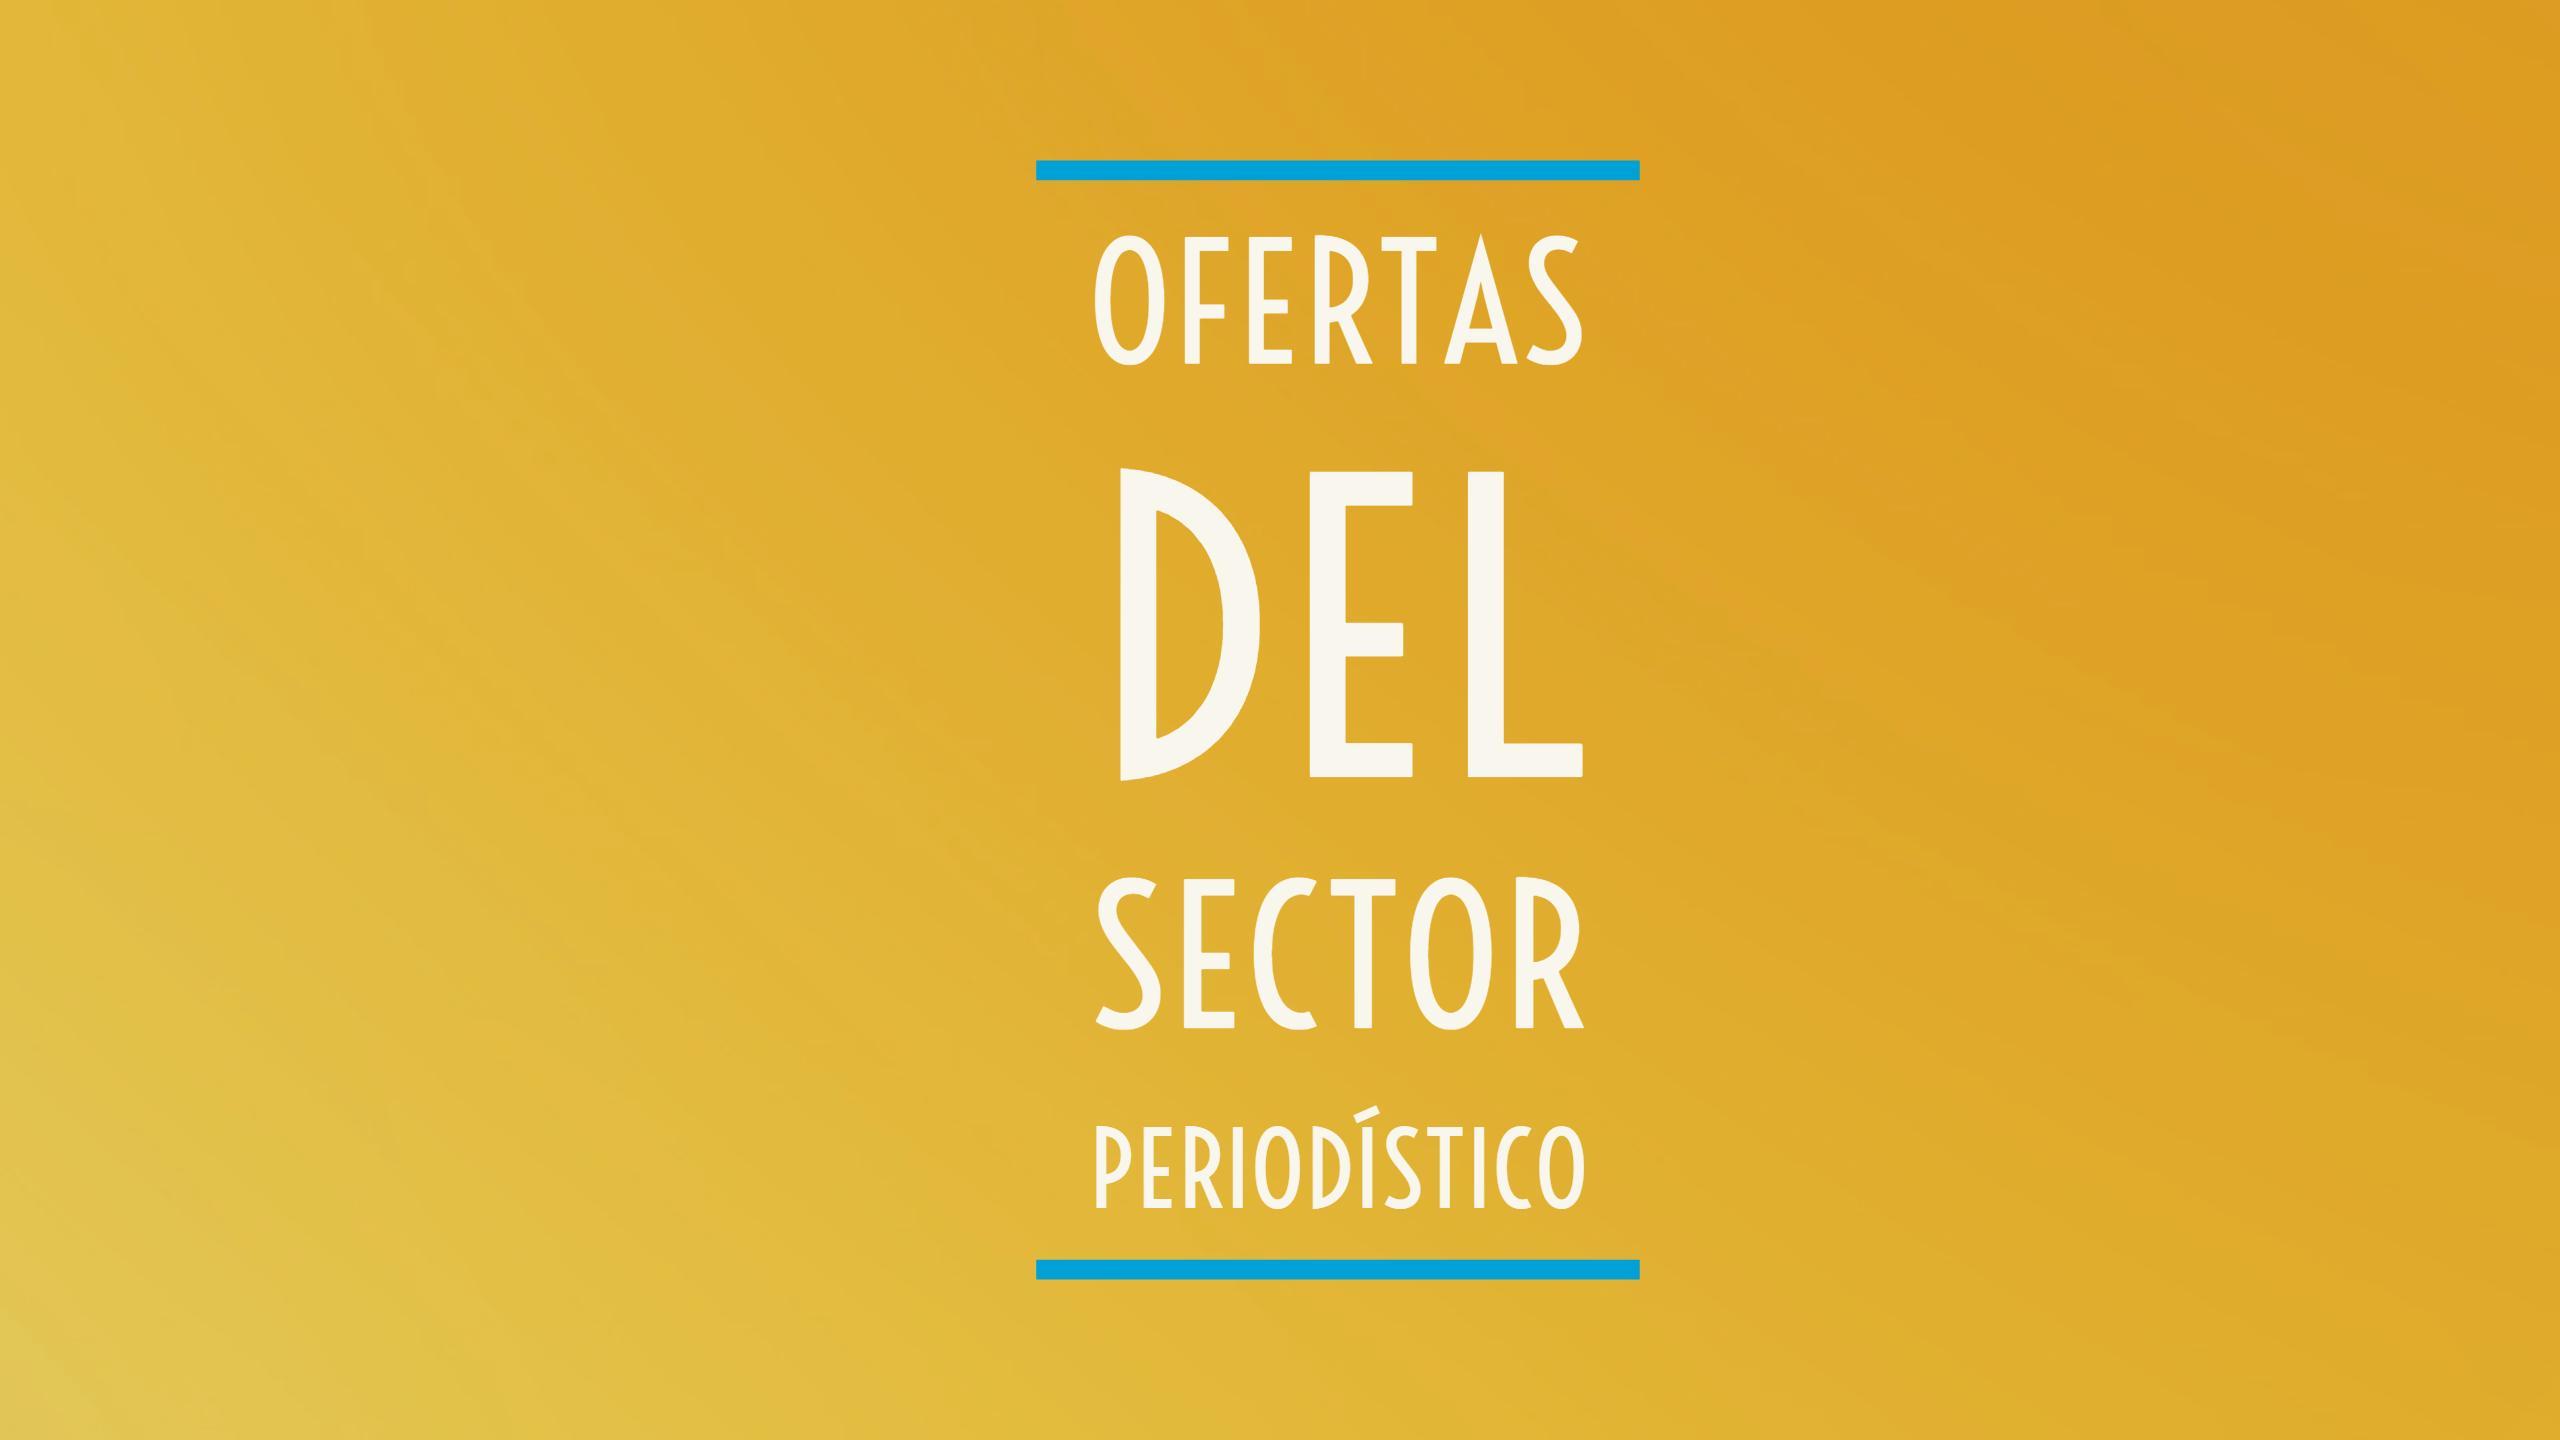 Ofertas del Sector Periodístico